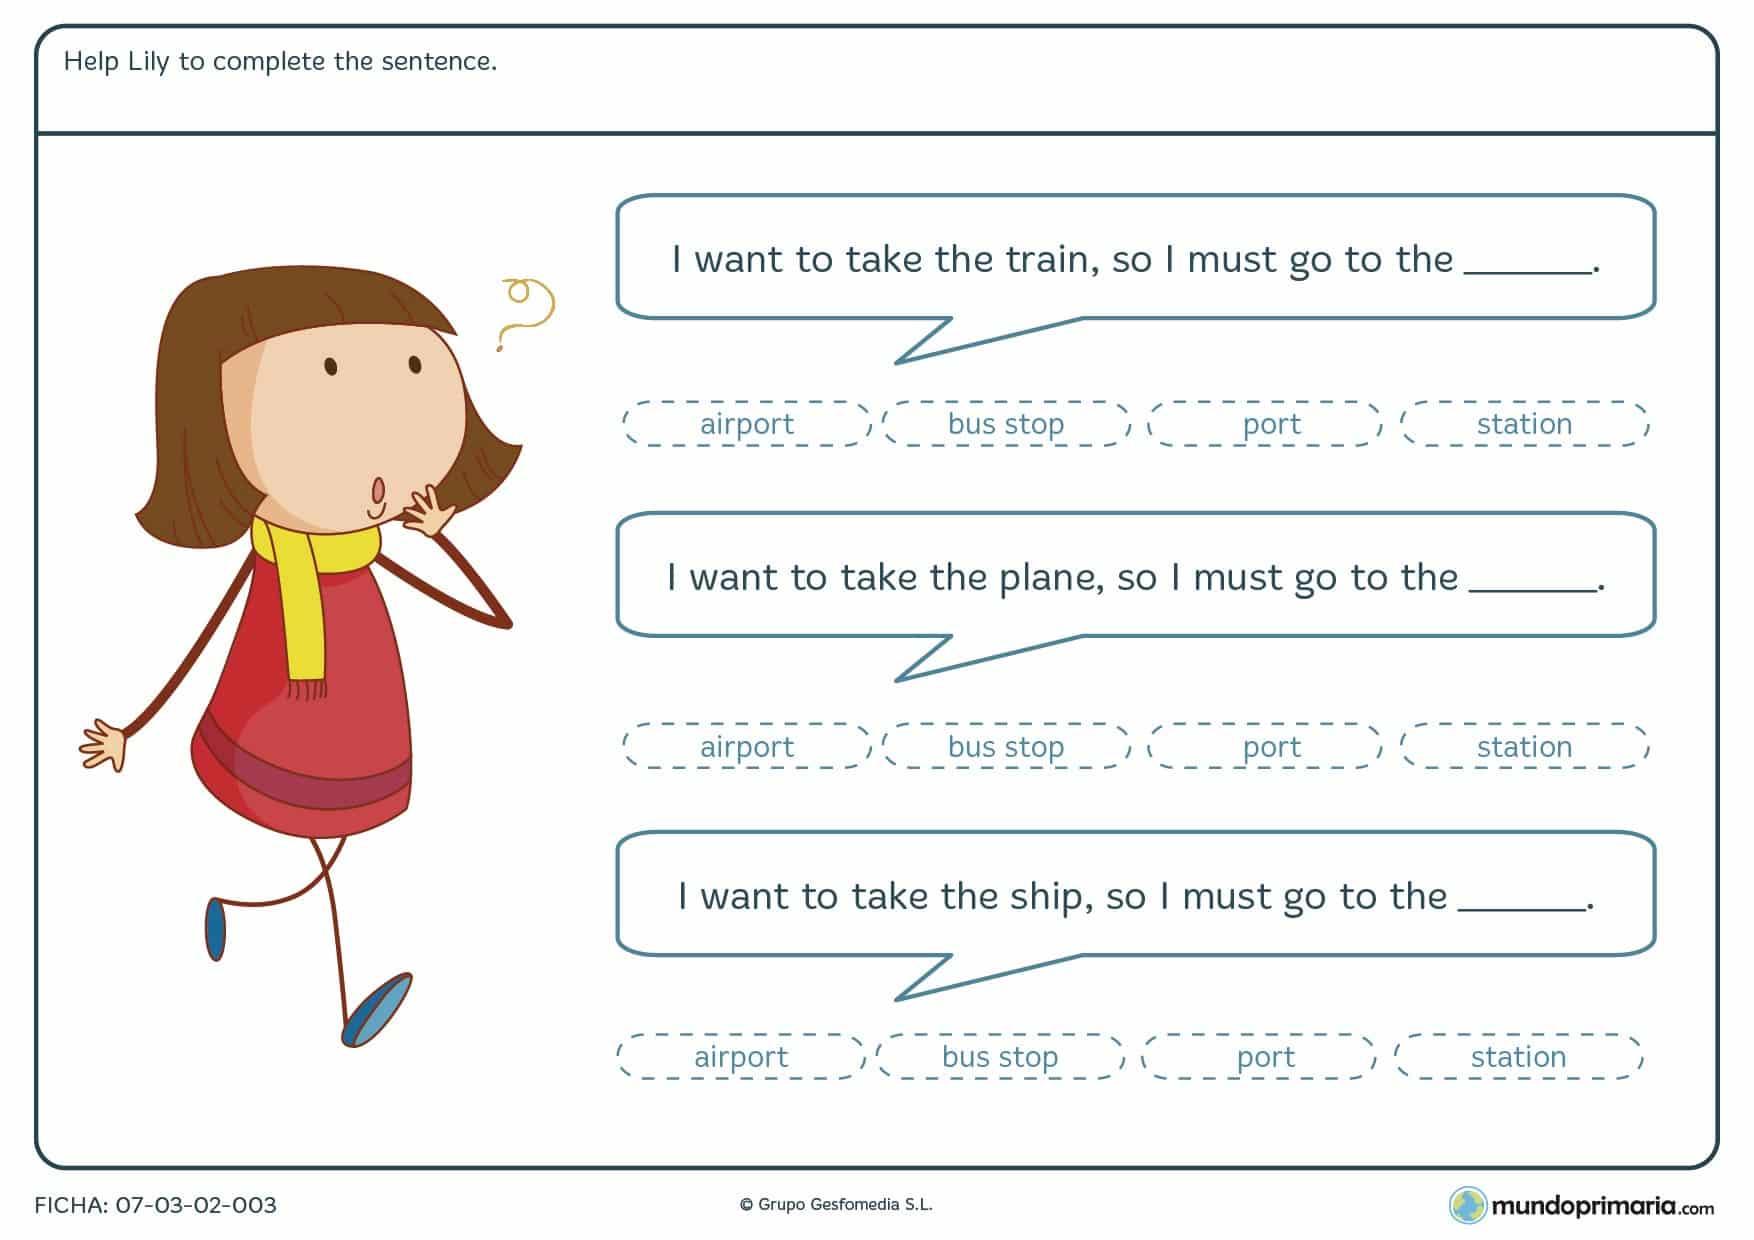 Ficha de ayudar a la niña a encontrar el lugar donde debe ir en inglés